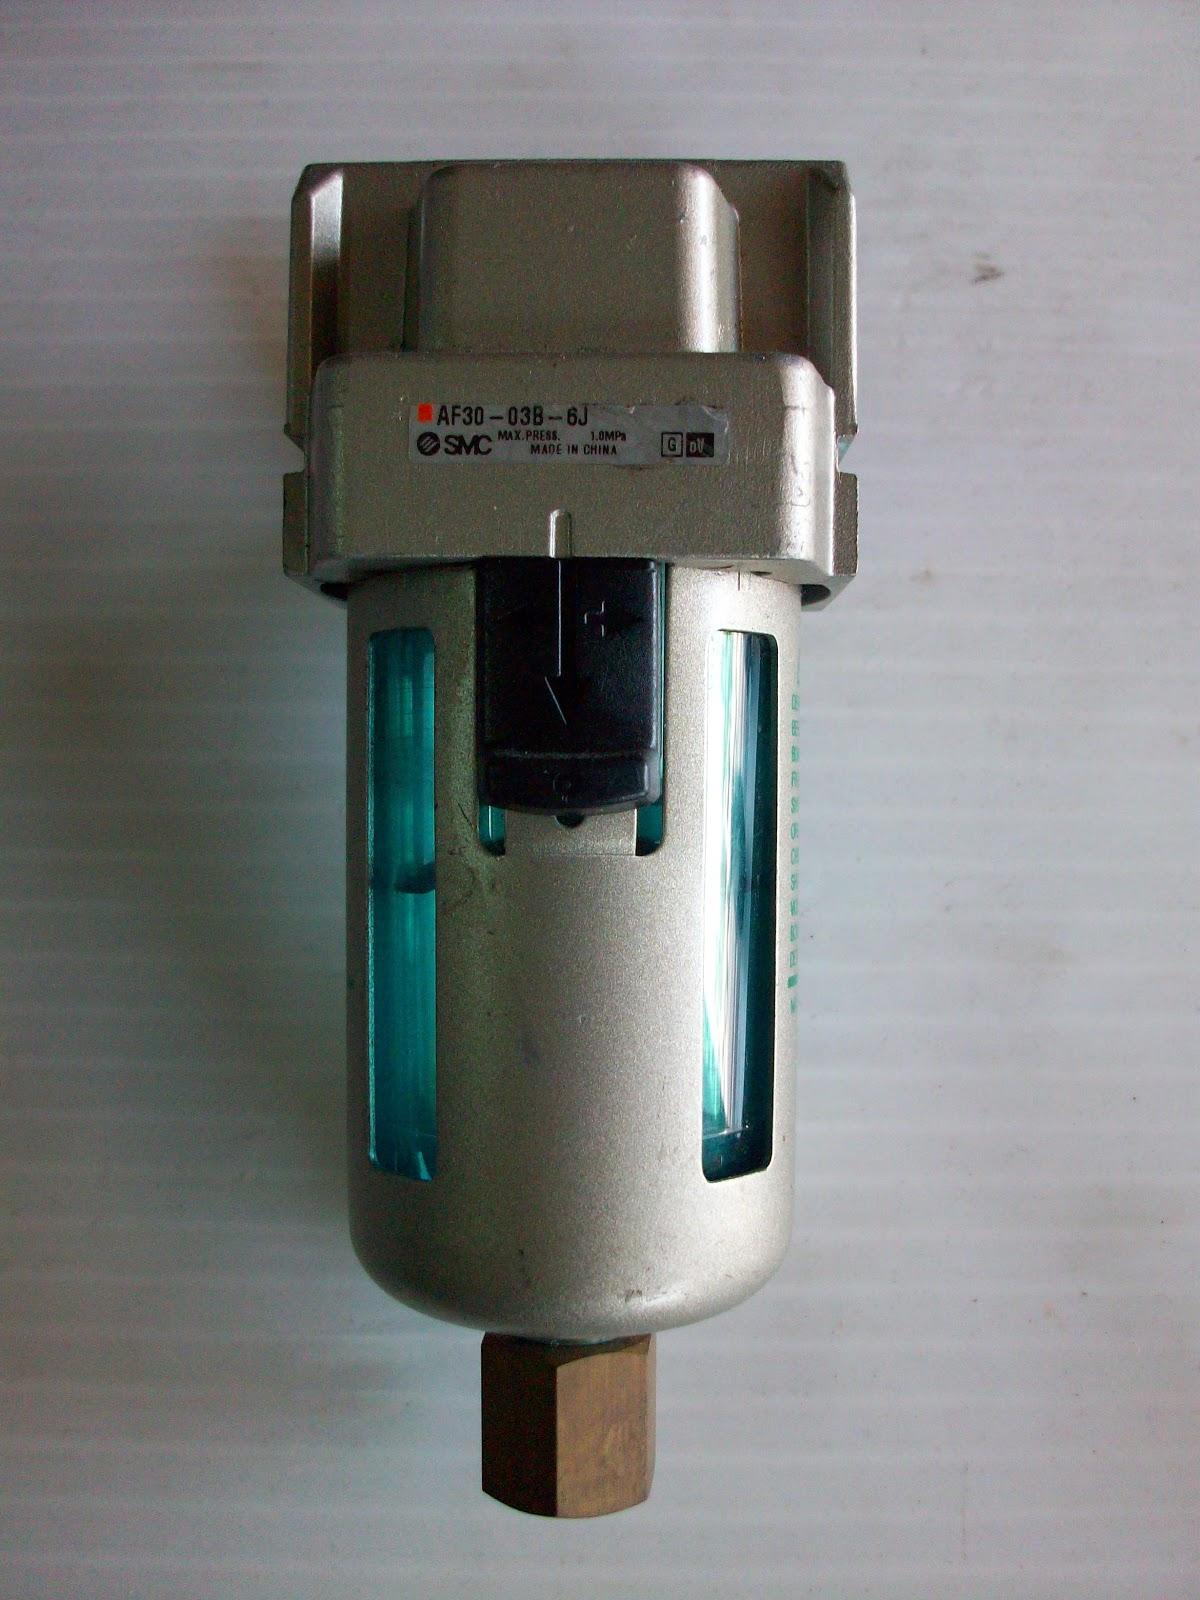 僑大機械五金行: SMC AF30-03B-6J 空氣過濾器